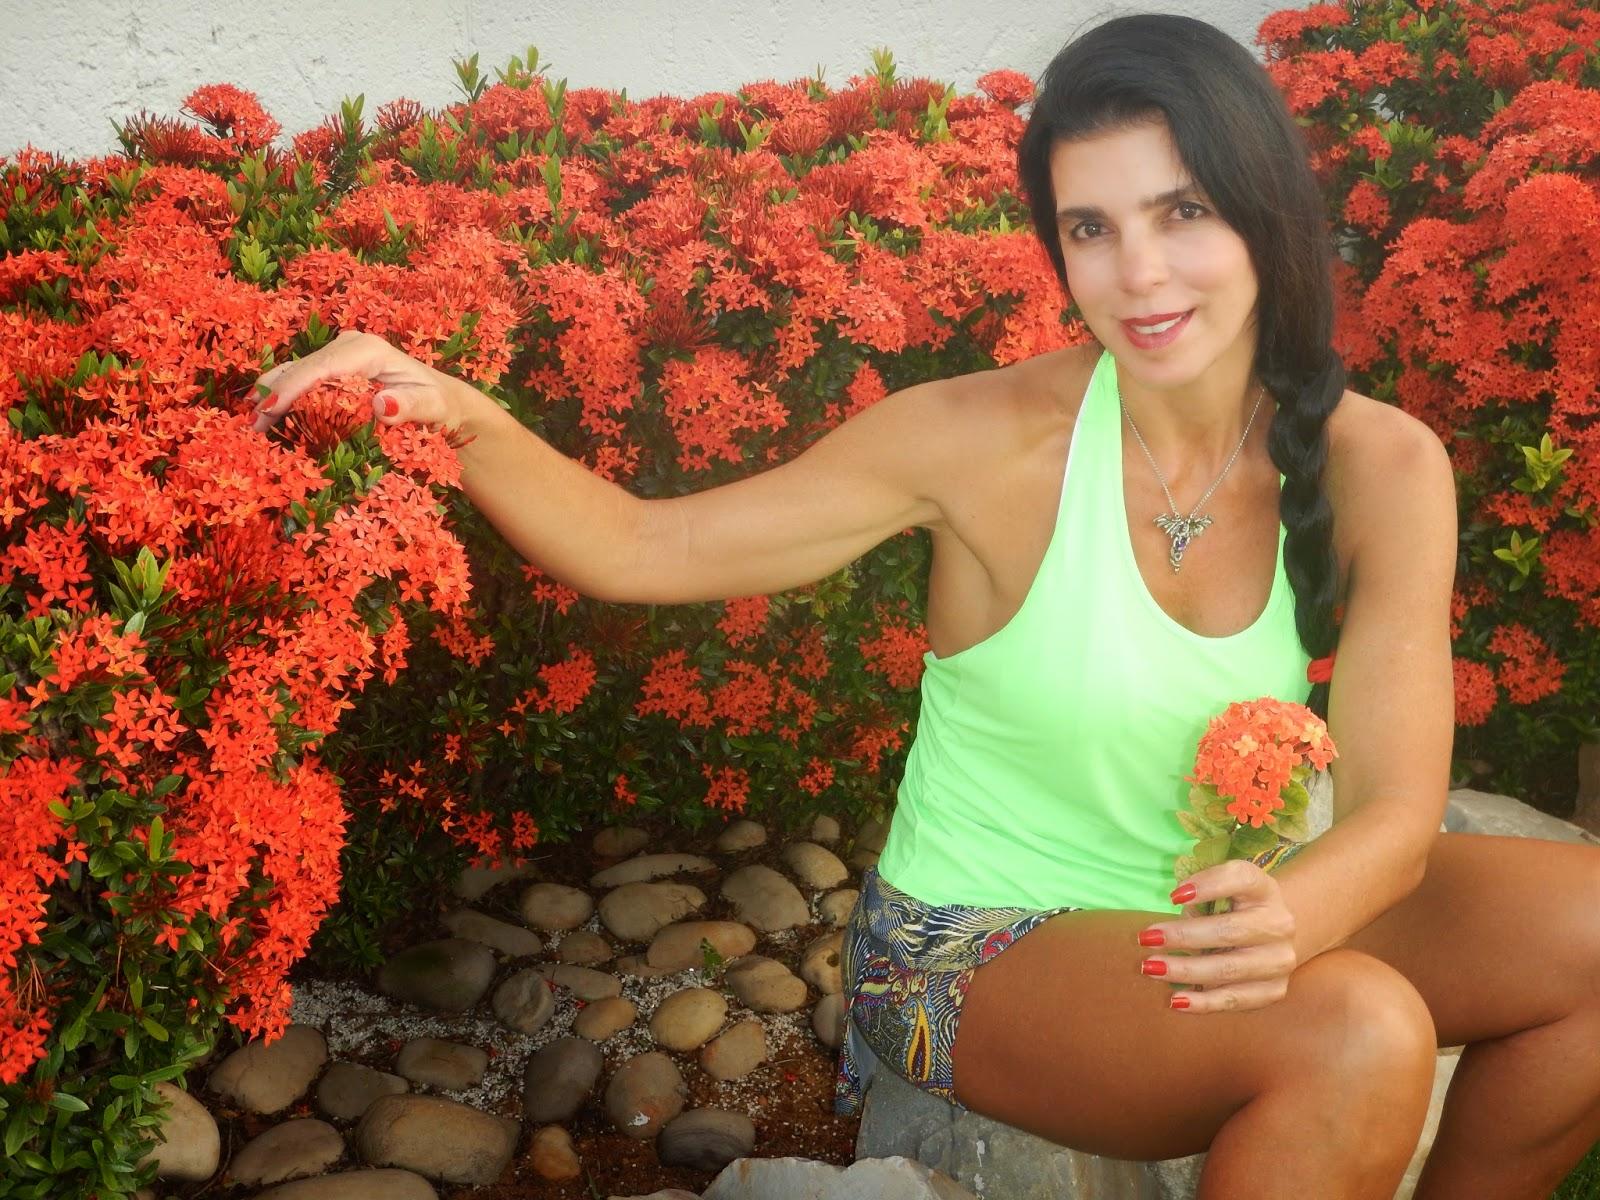 flores para jardim o ano inteiro verdes, corimbosterminais de flores